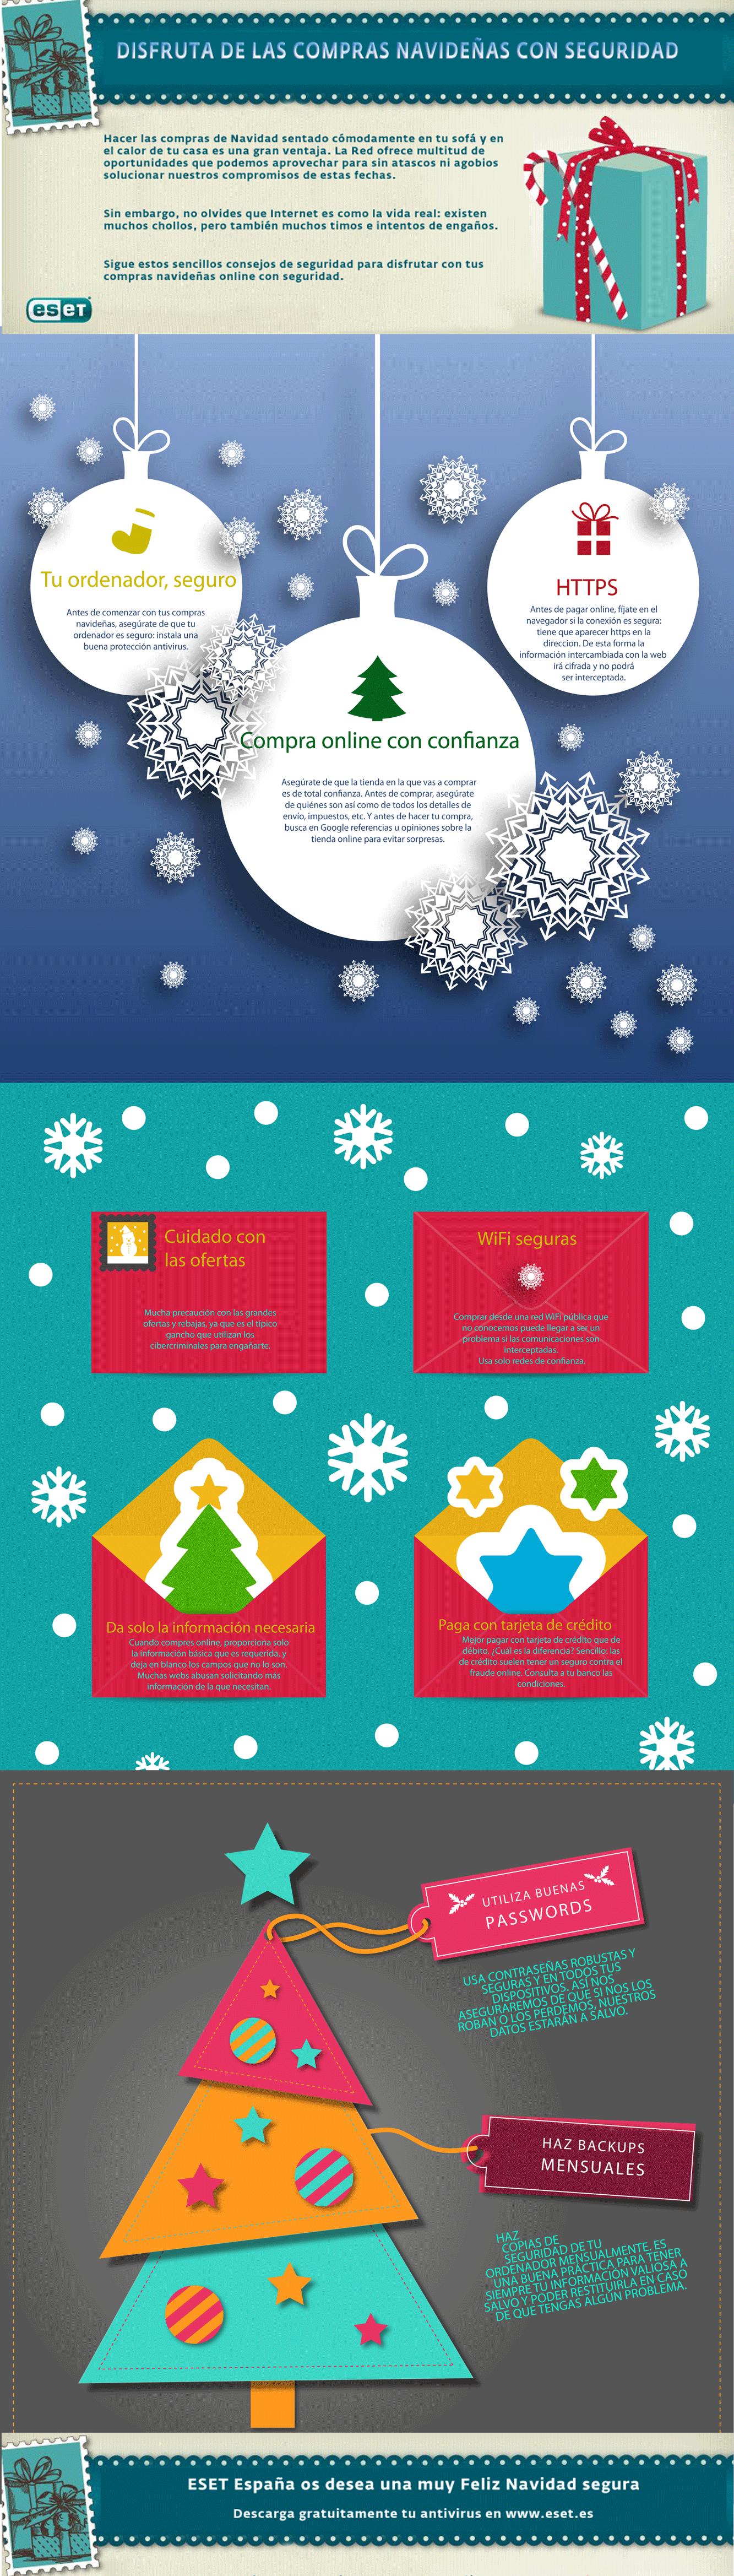 XXConsejos para realizar compras online en Navidad